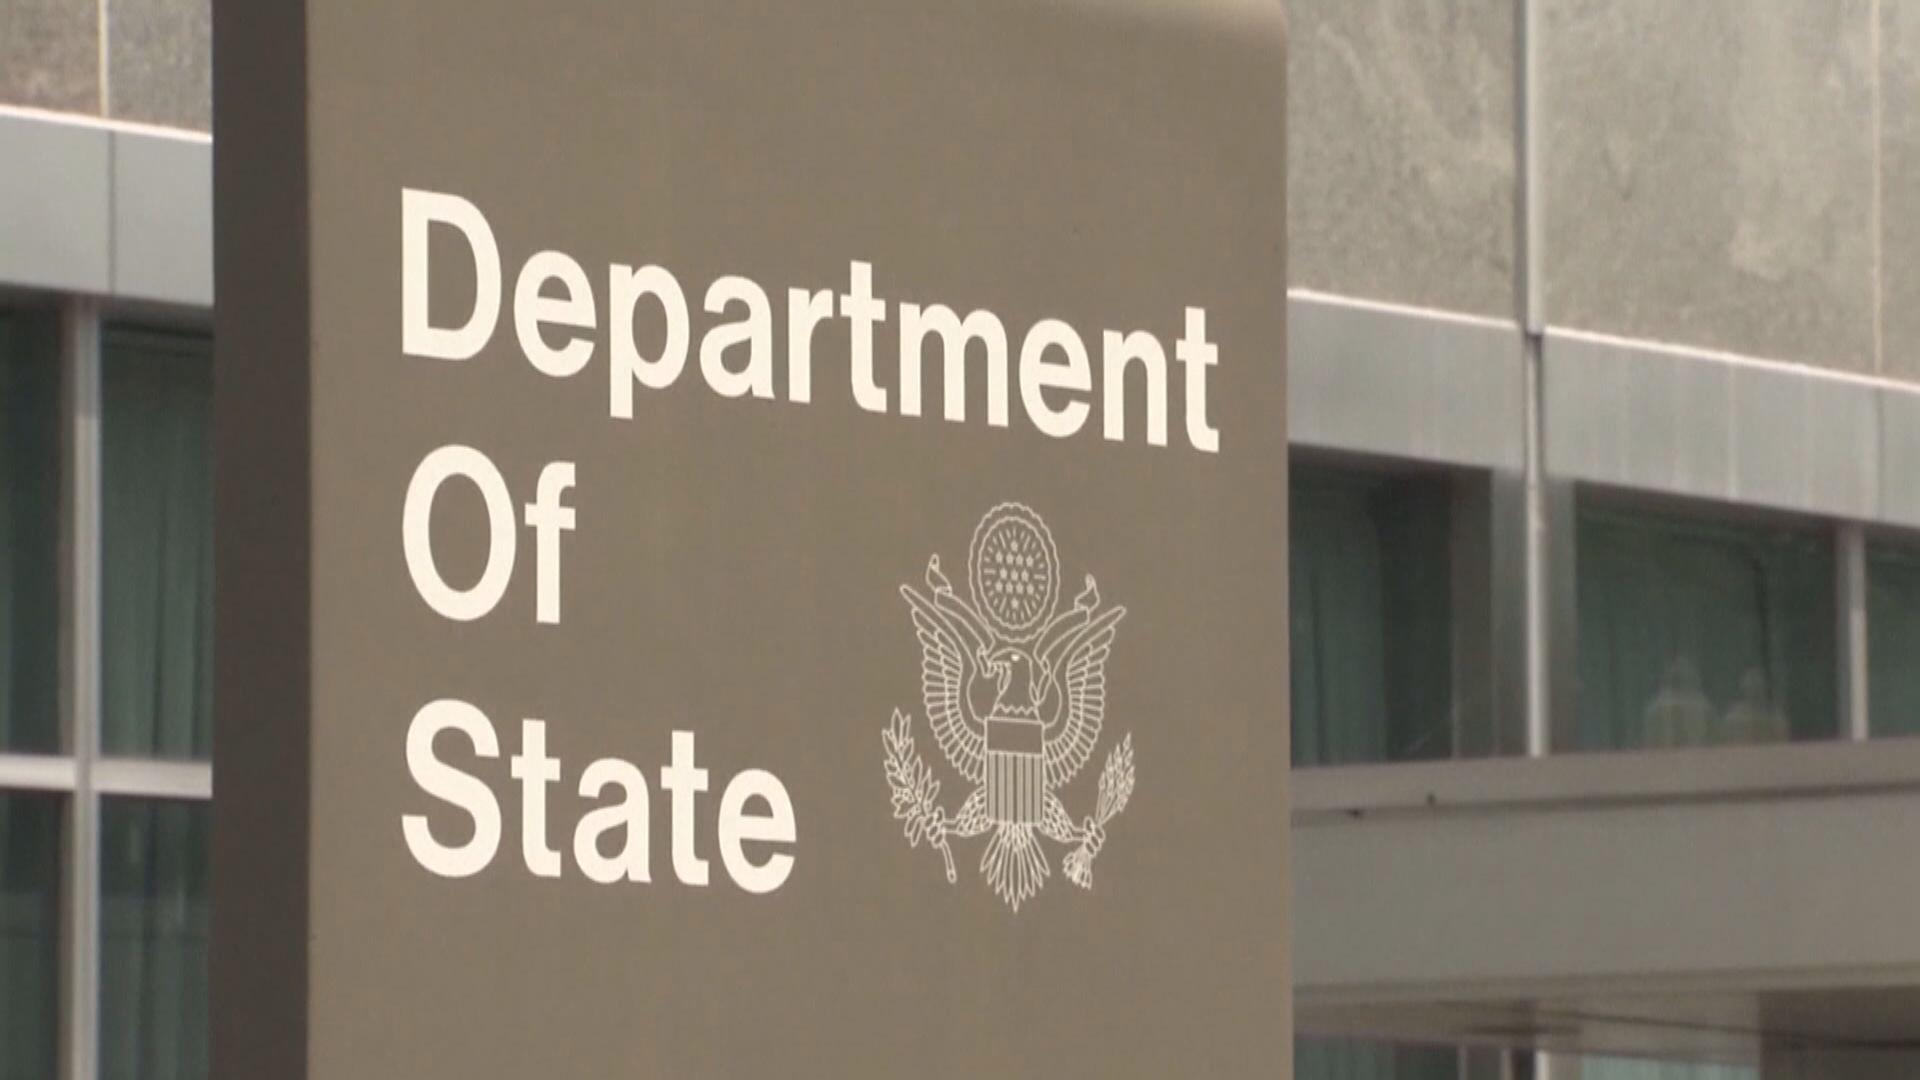 美國國務院對俄羅斯驅外交人員等措施感遺憾